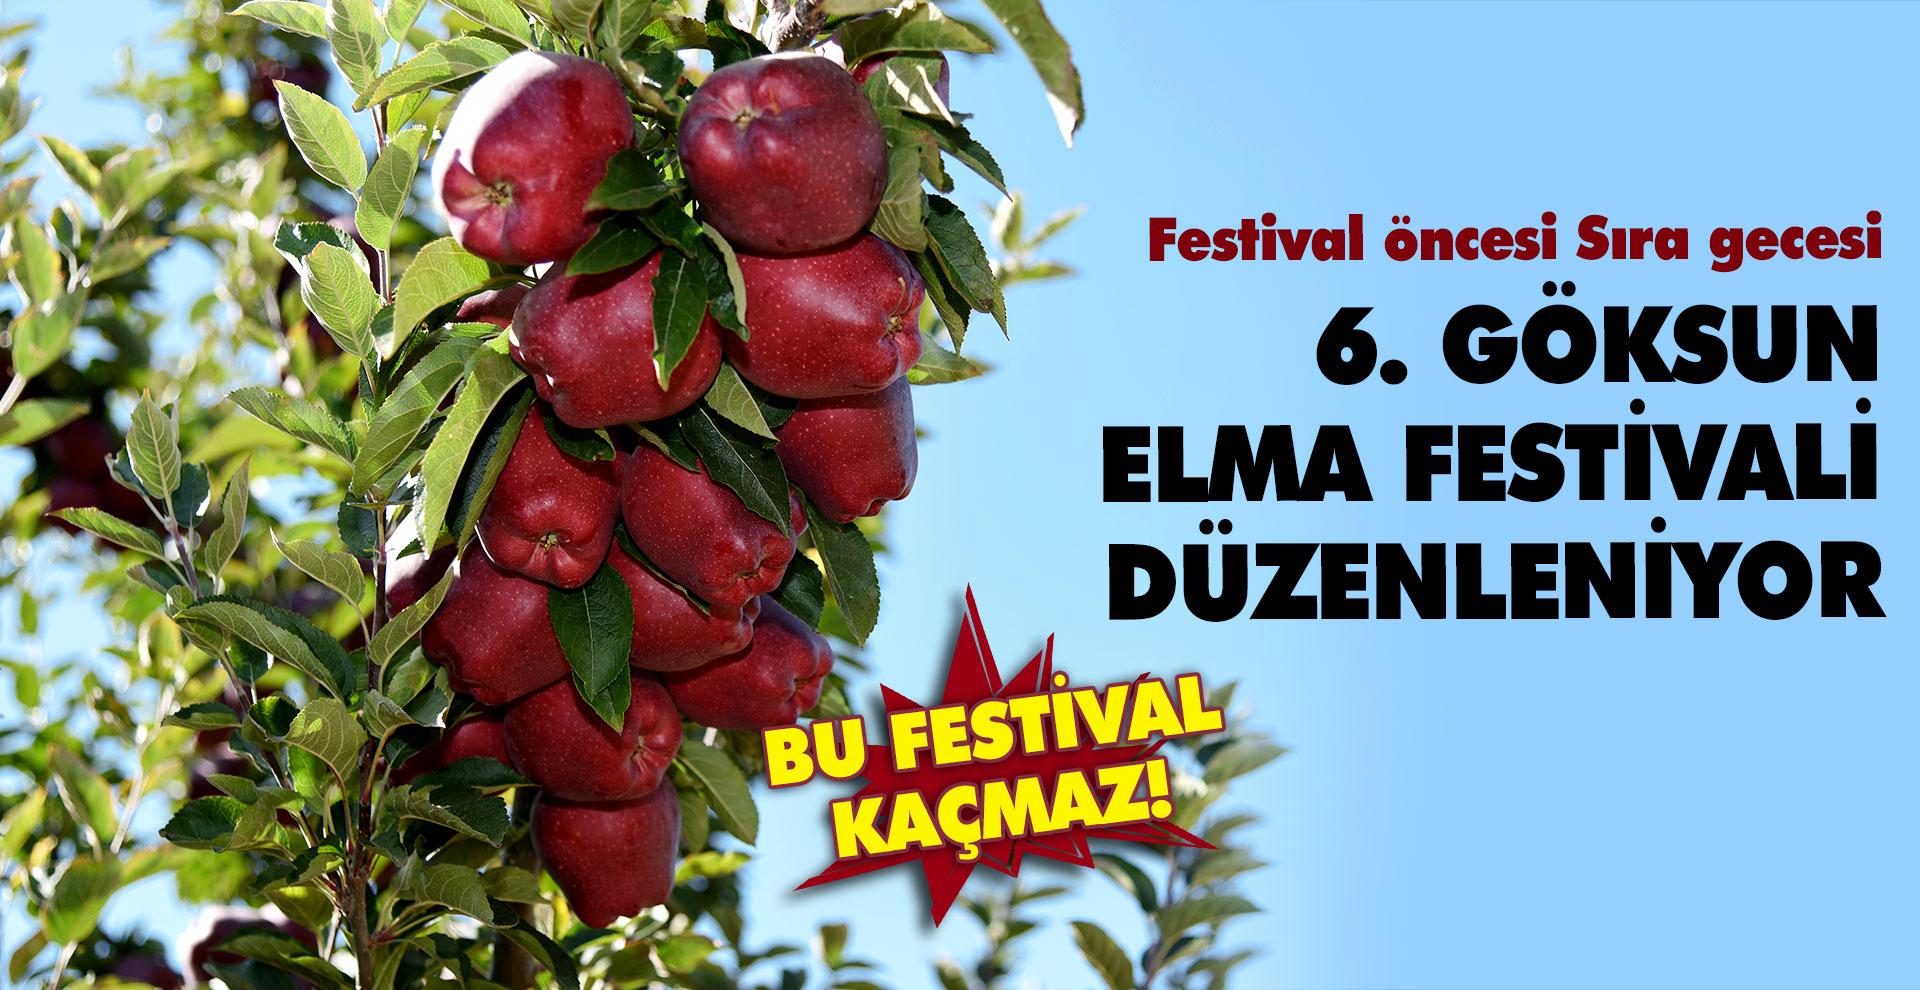 Göksun Elma'sı için 6. Festival düzenleniyor